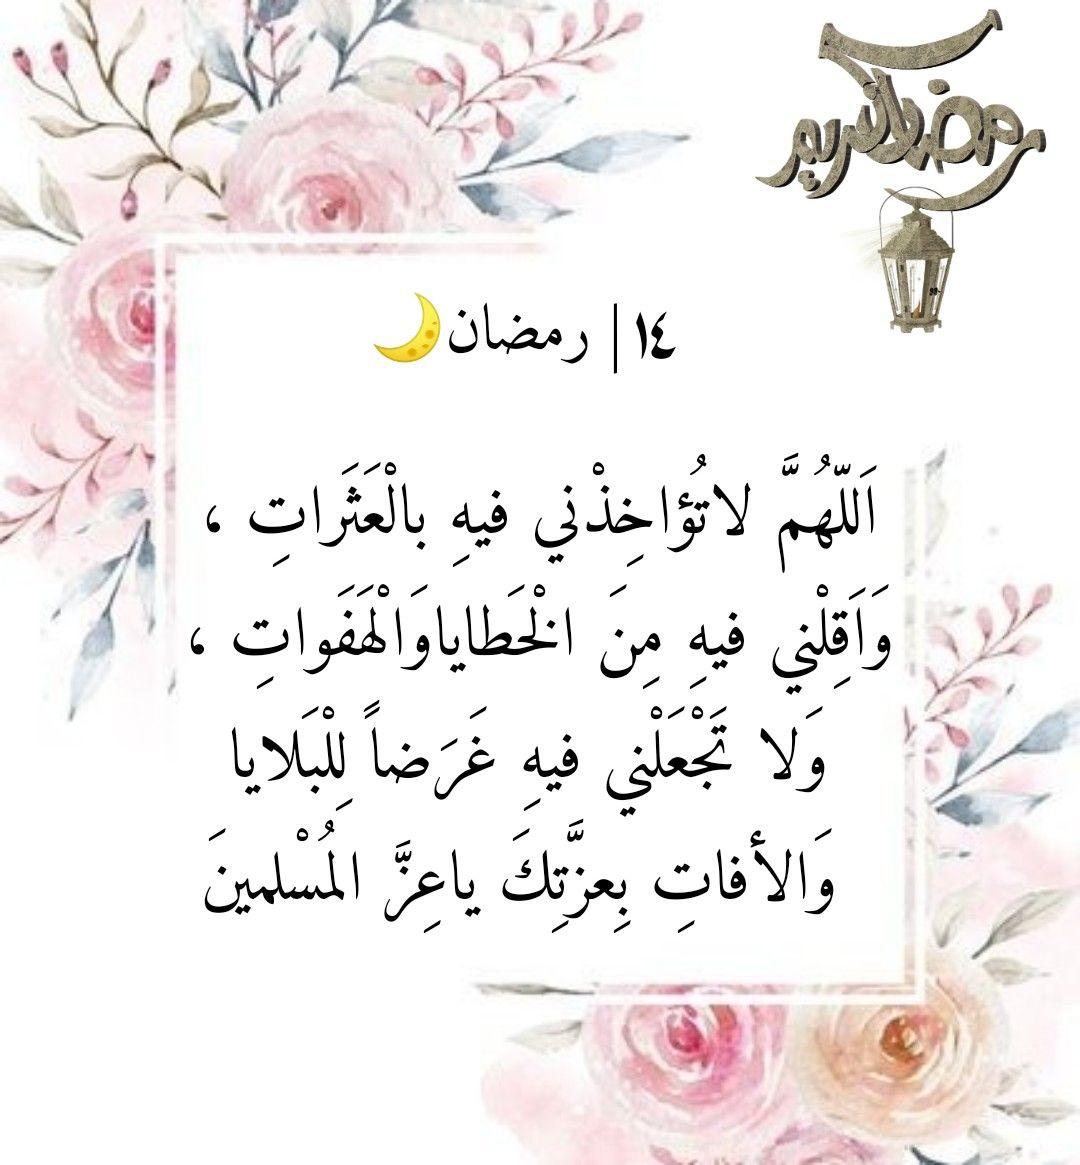 دعاء اليوم الرابع عشر من رمضان Ramadan Ramadan Kareem Place Card Holders